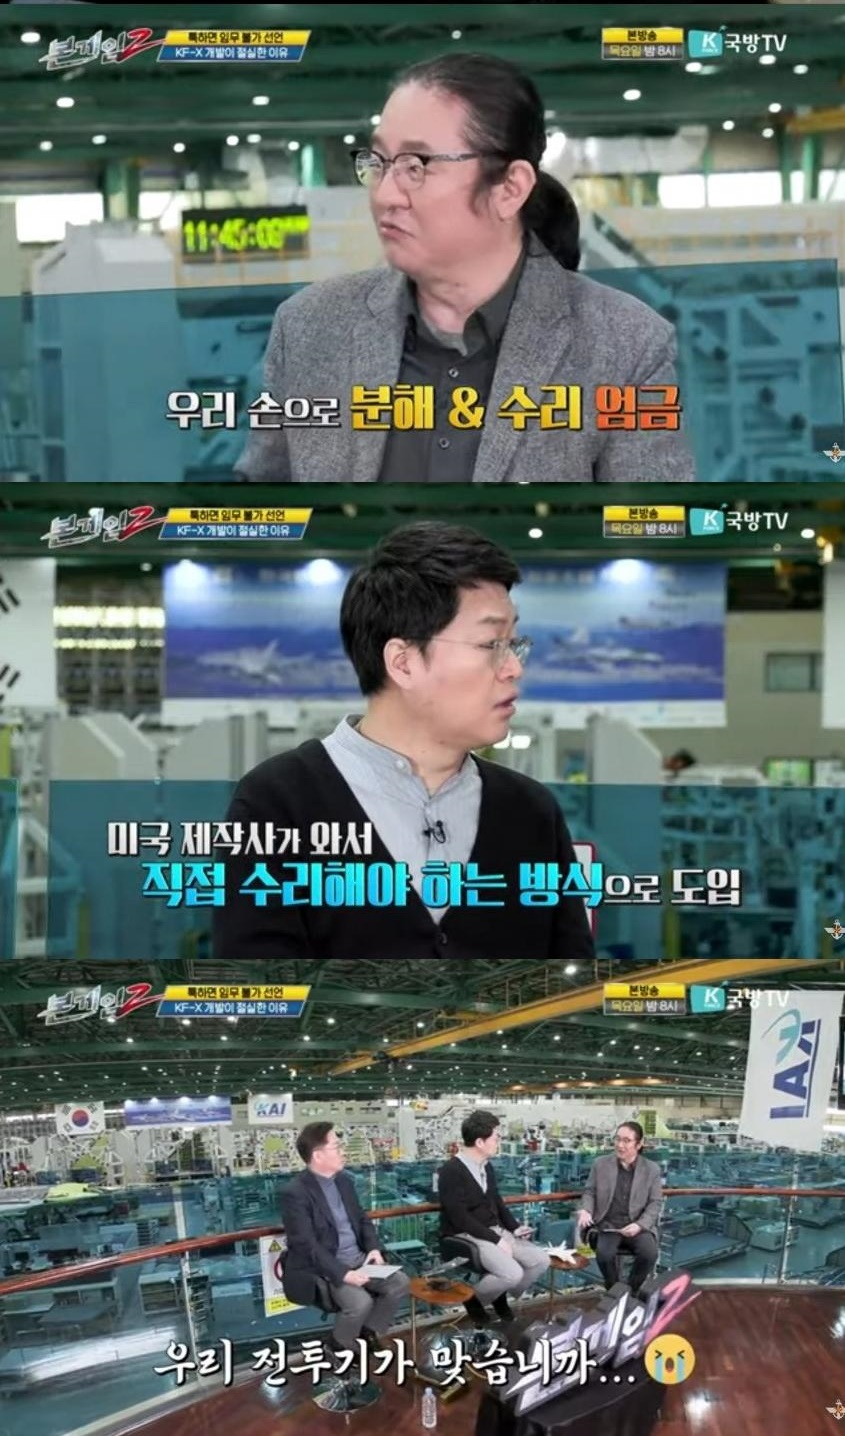 대한민국이 여태 무기를 수입하느라 겪었던 수모 - 꾸르